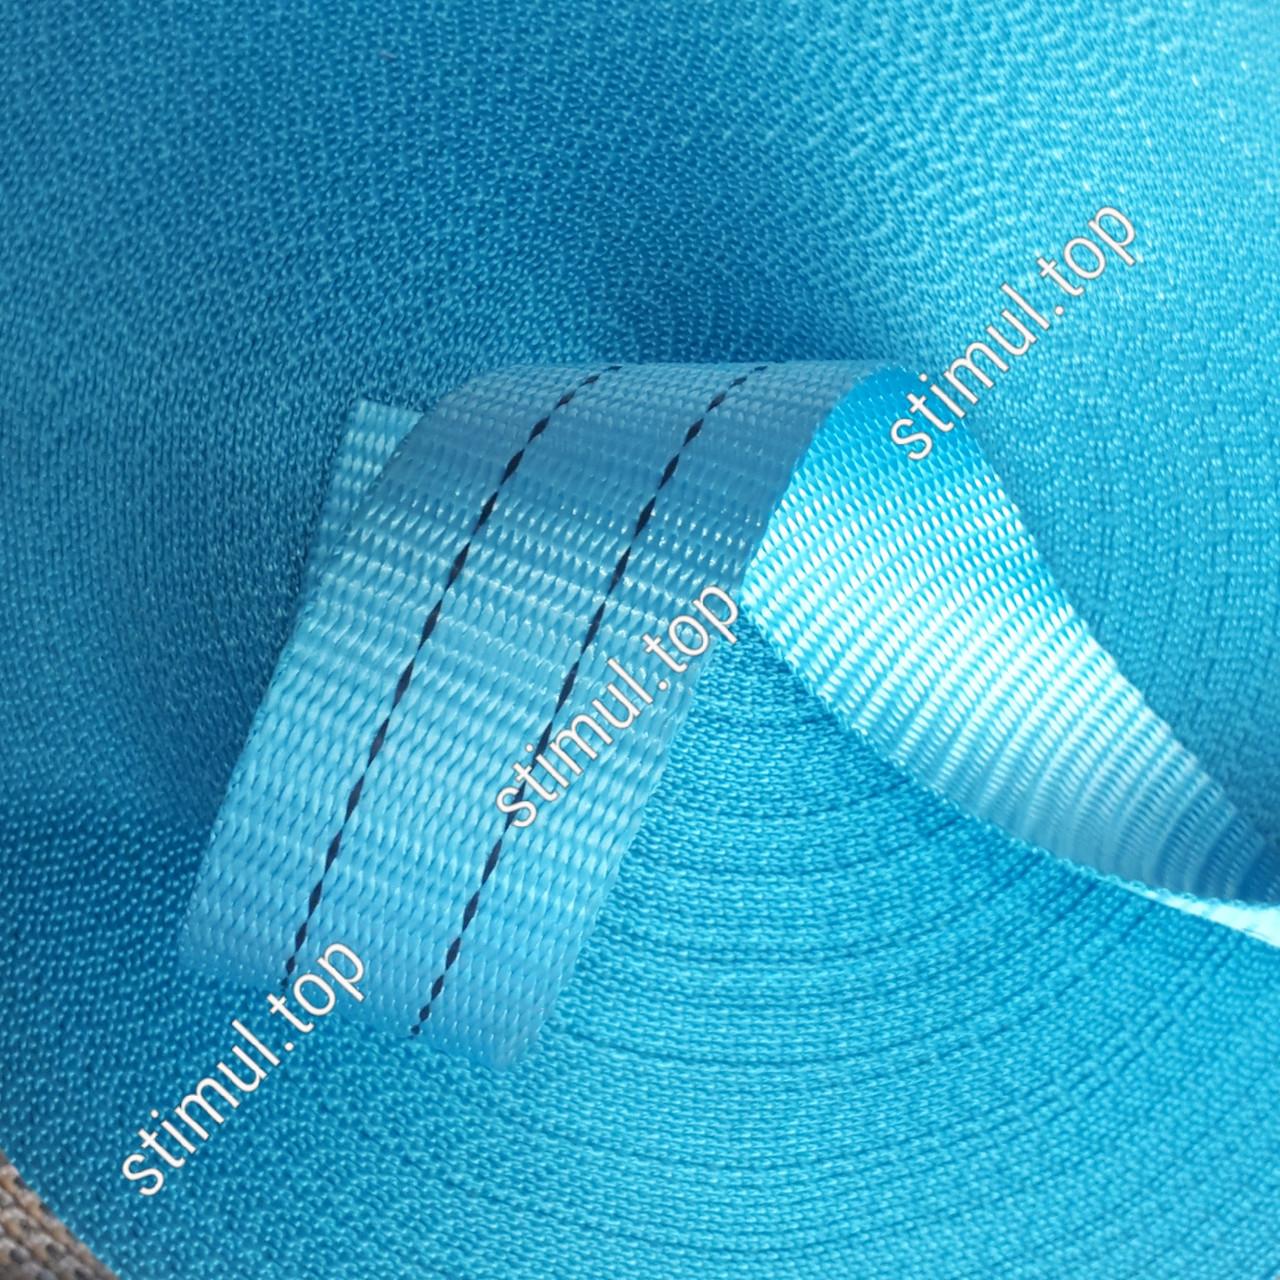 Тесьма полиэстеровая 40 мм х 50 метров - лента для стяжных ремней голубая